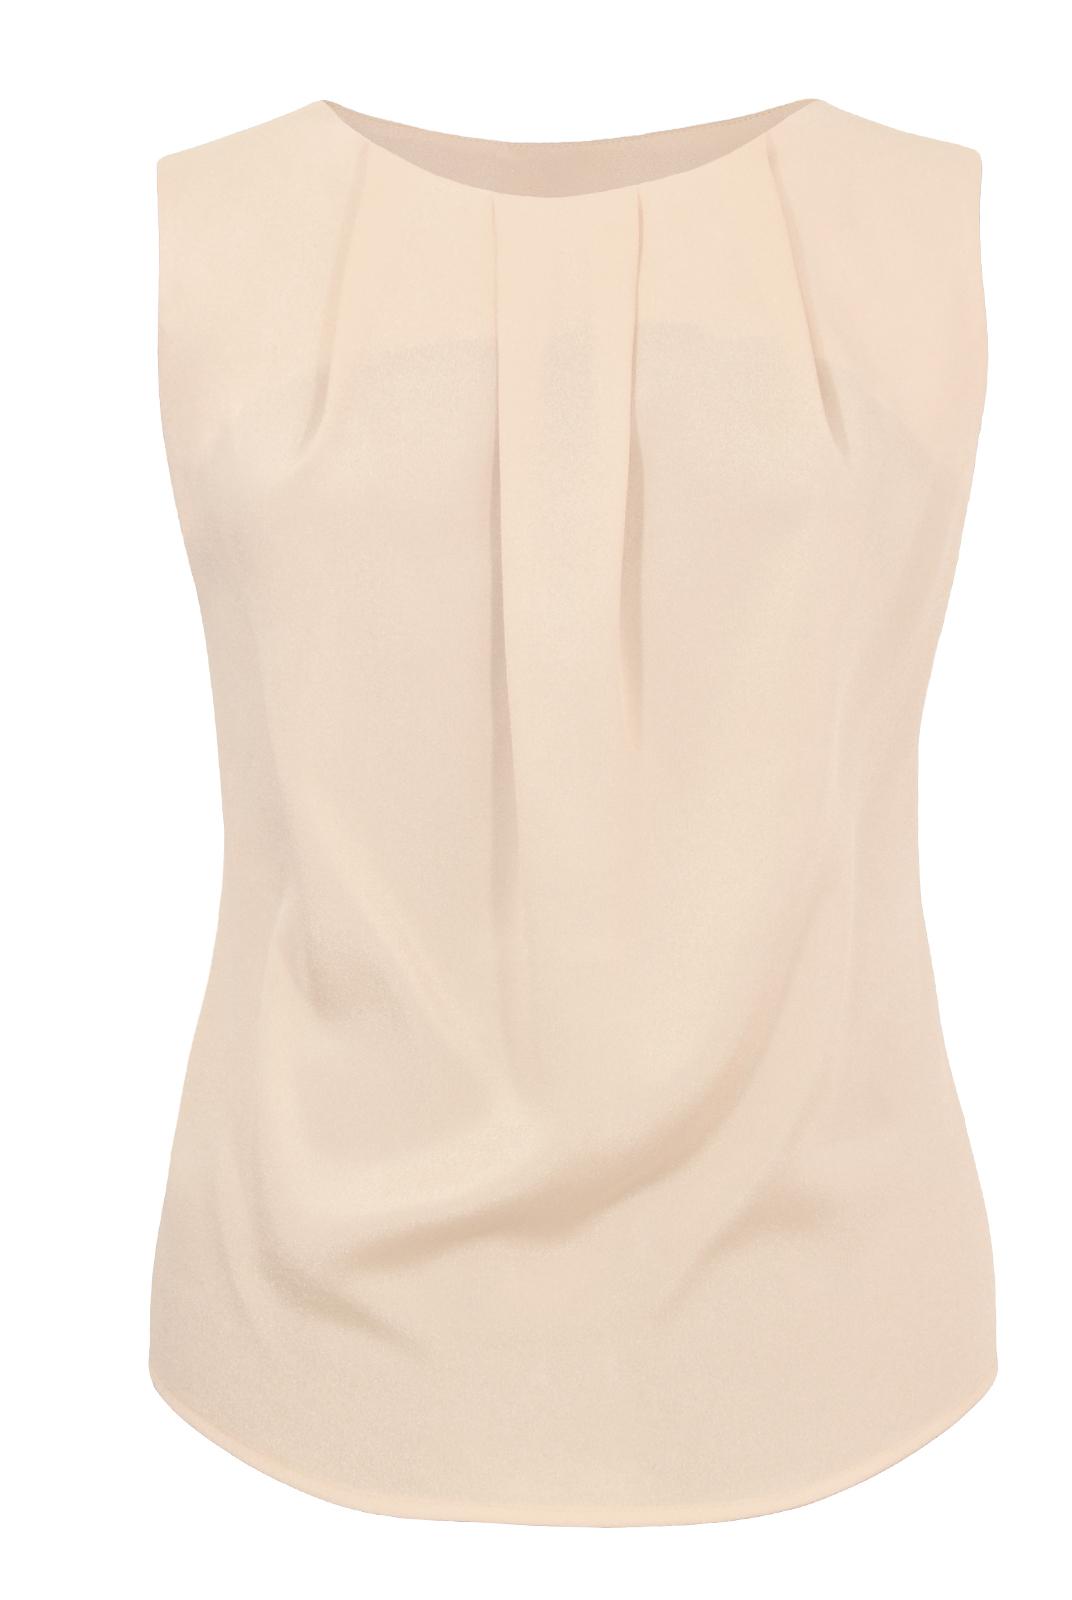 Блузка женская купить в екатеринбурге